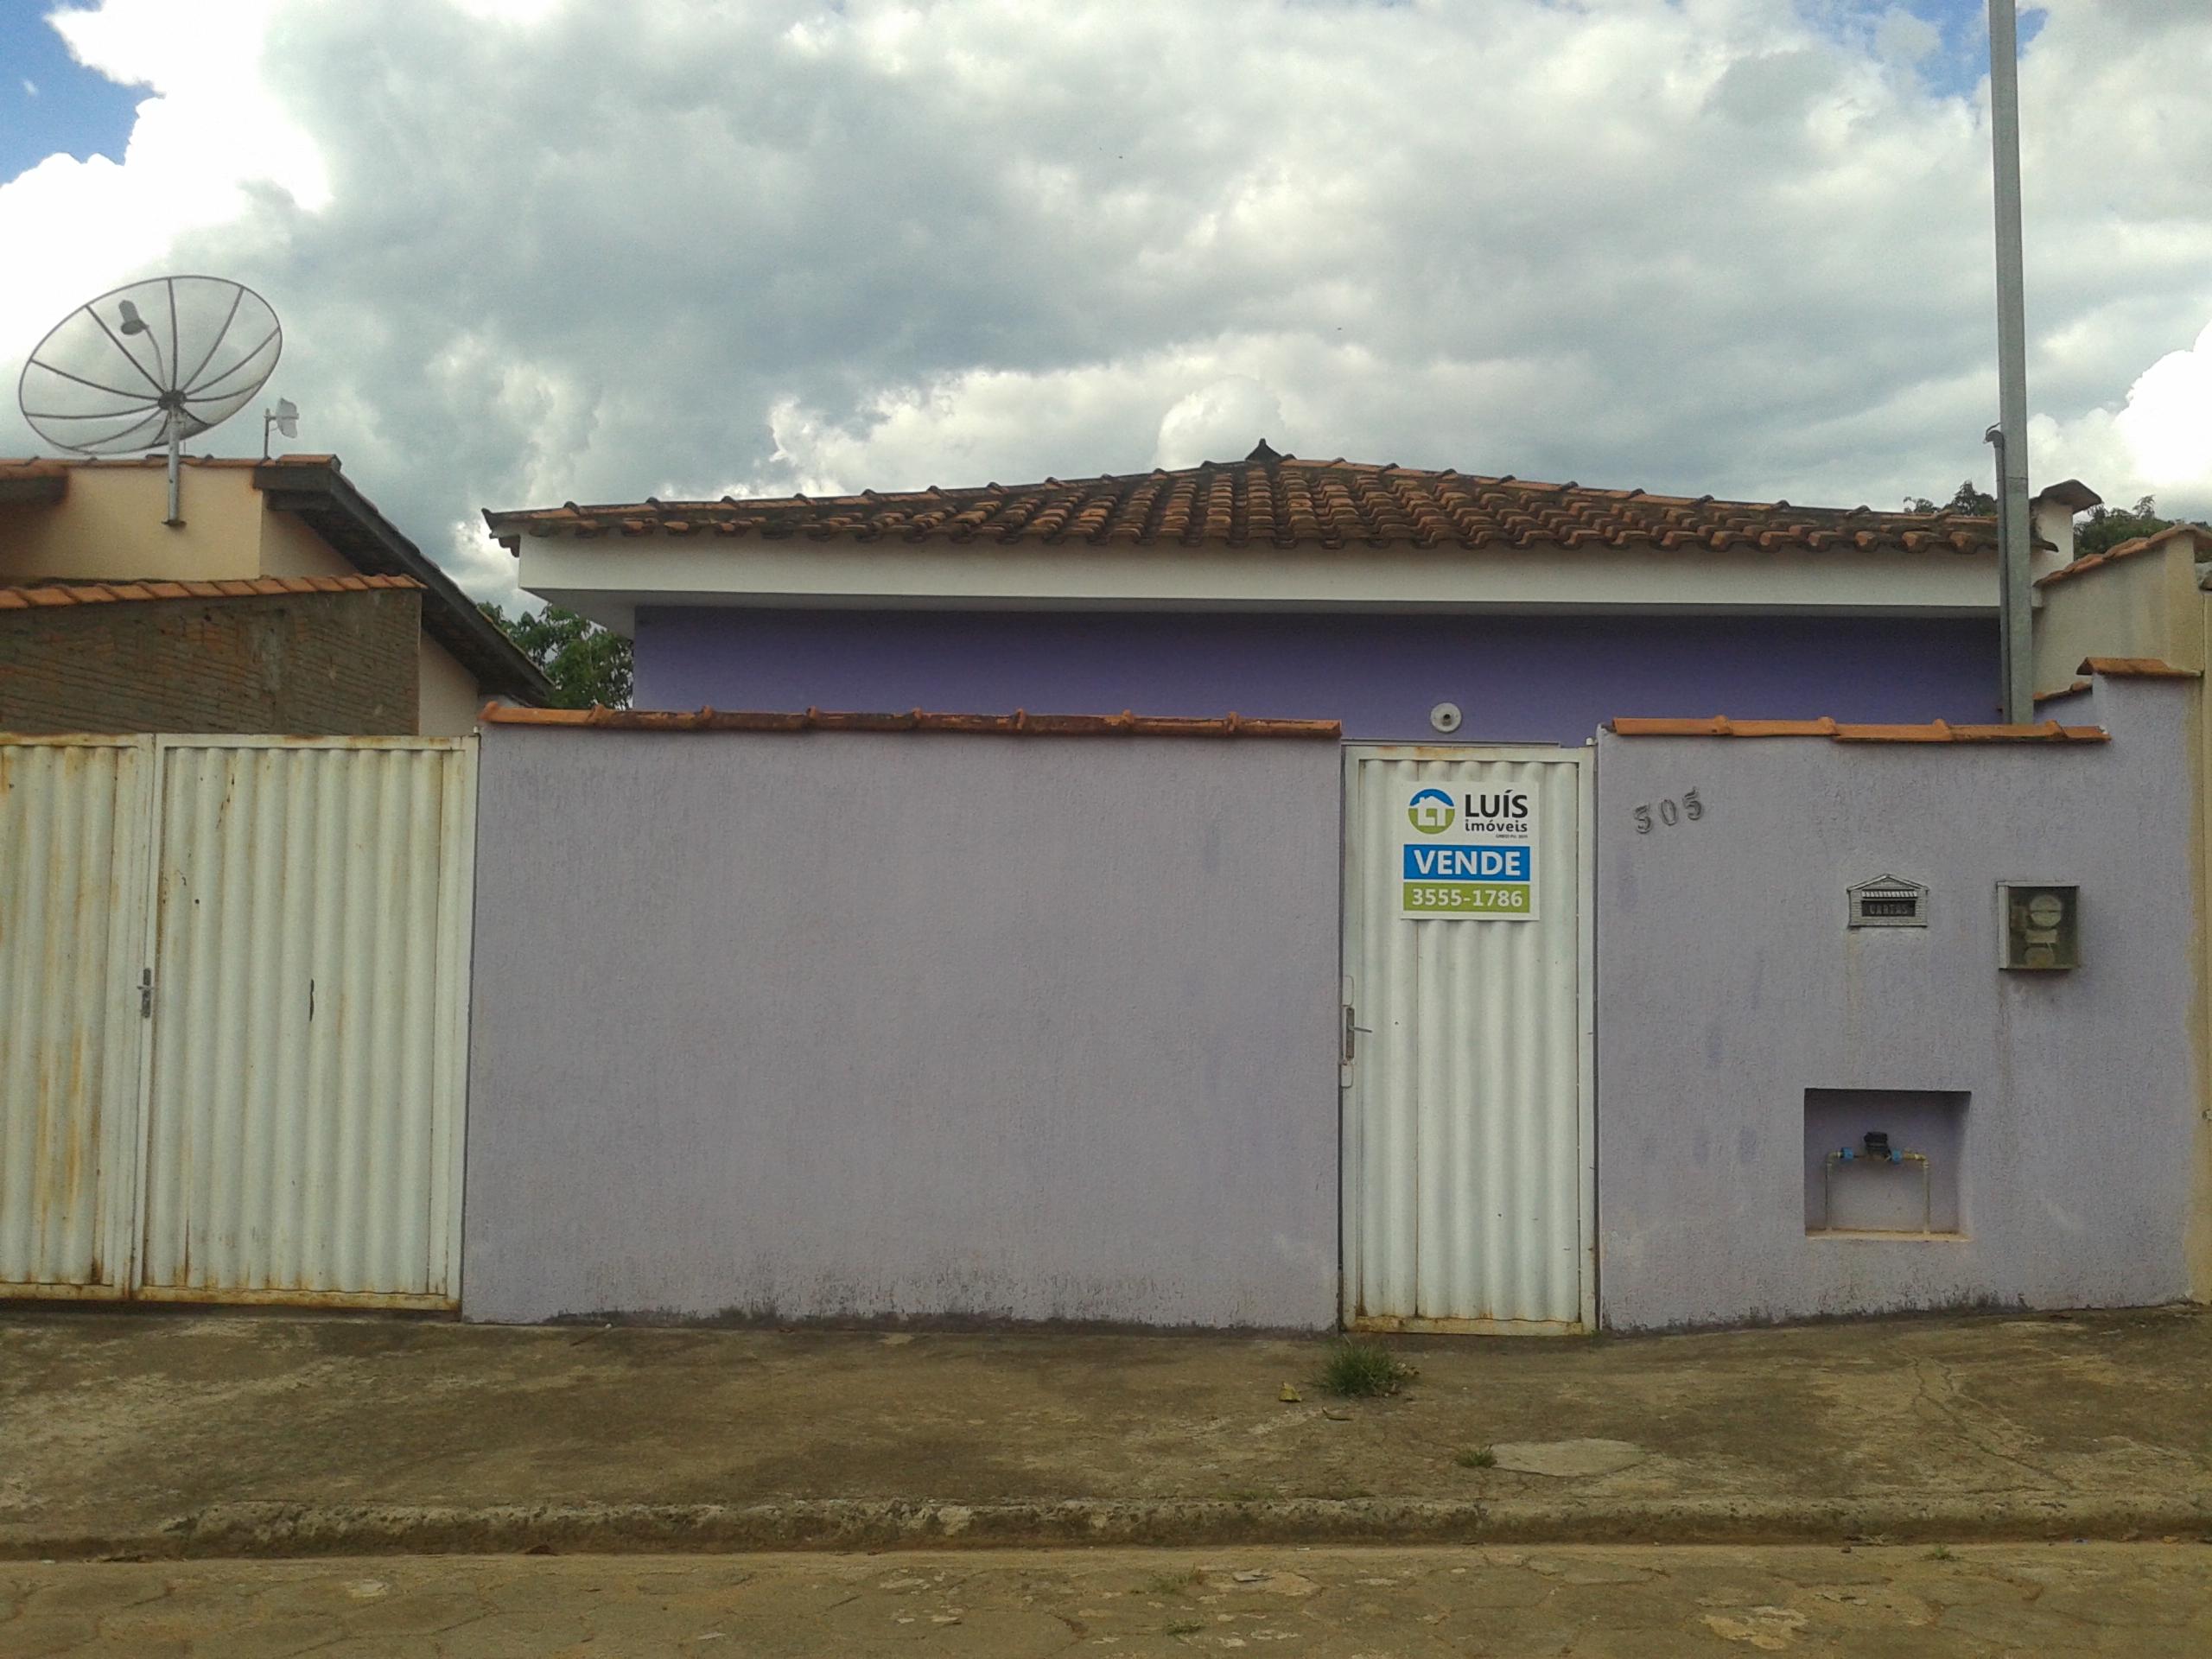 Imóvel à Venda – Rua Gabriela Teixeira Vasconcelos nº 305 – Vila Nunes